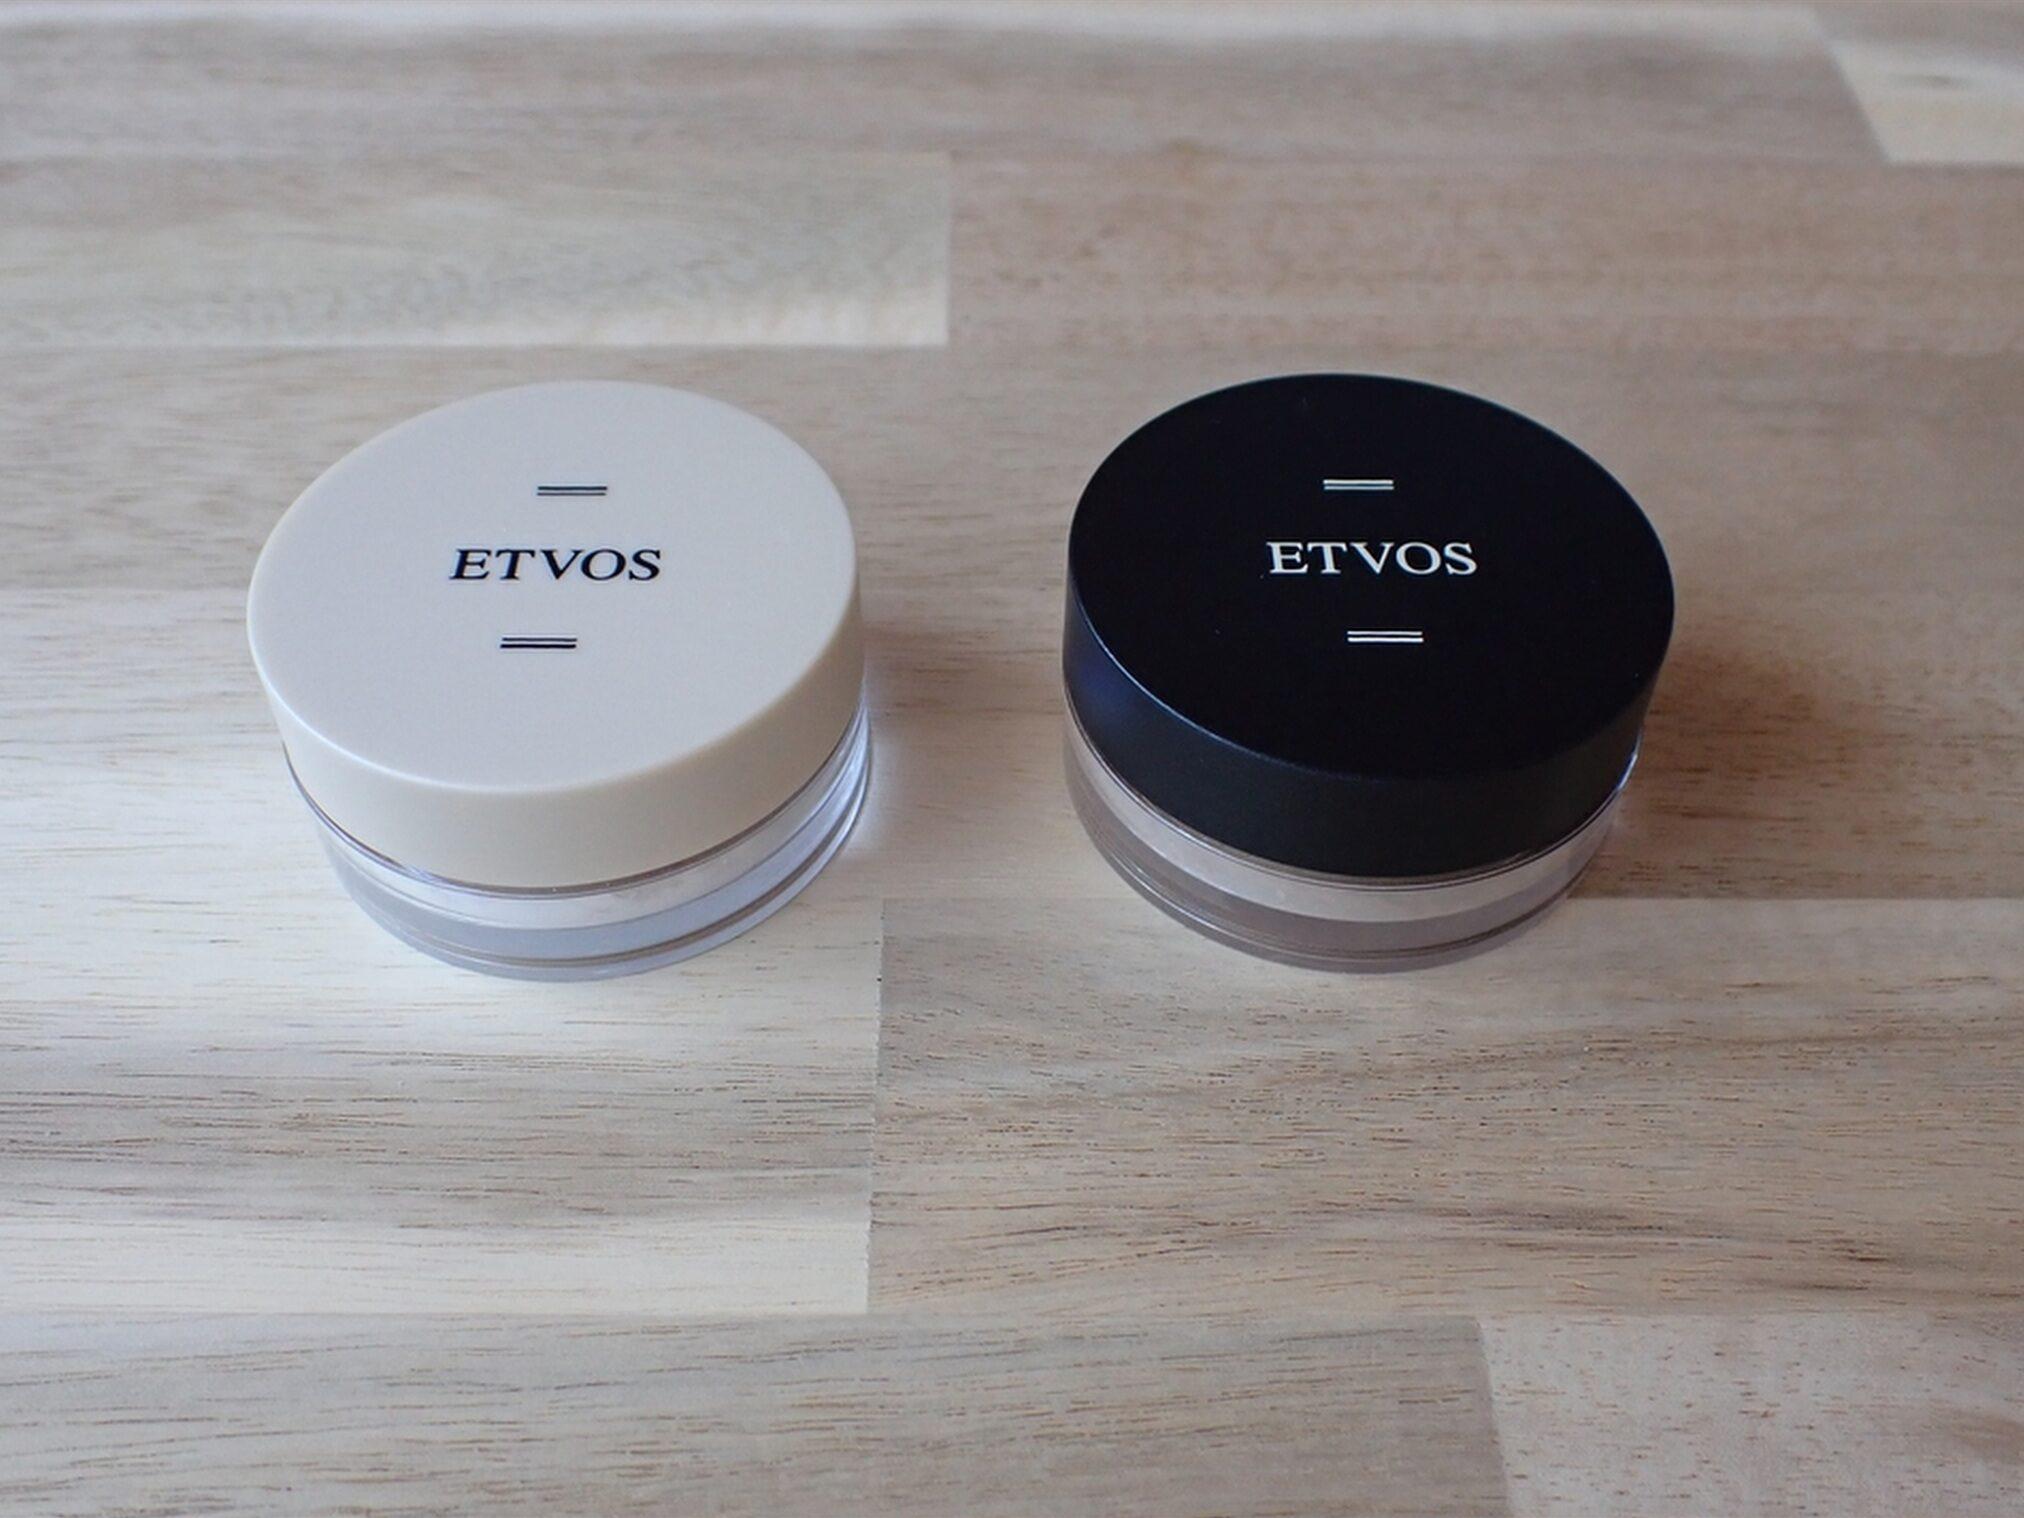 エトヴォス ETVOS パーフェクトキット 基本のベースメイクは、ナイトミネラルファンデーションとマットスムースミネラルファンデーションで完了できます